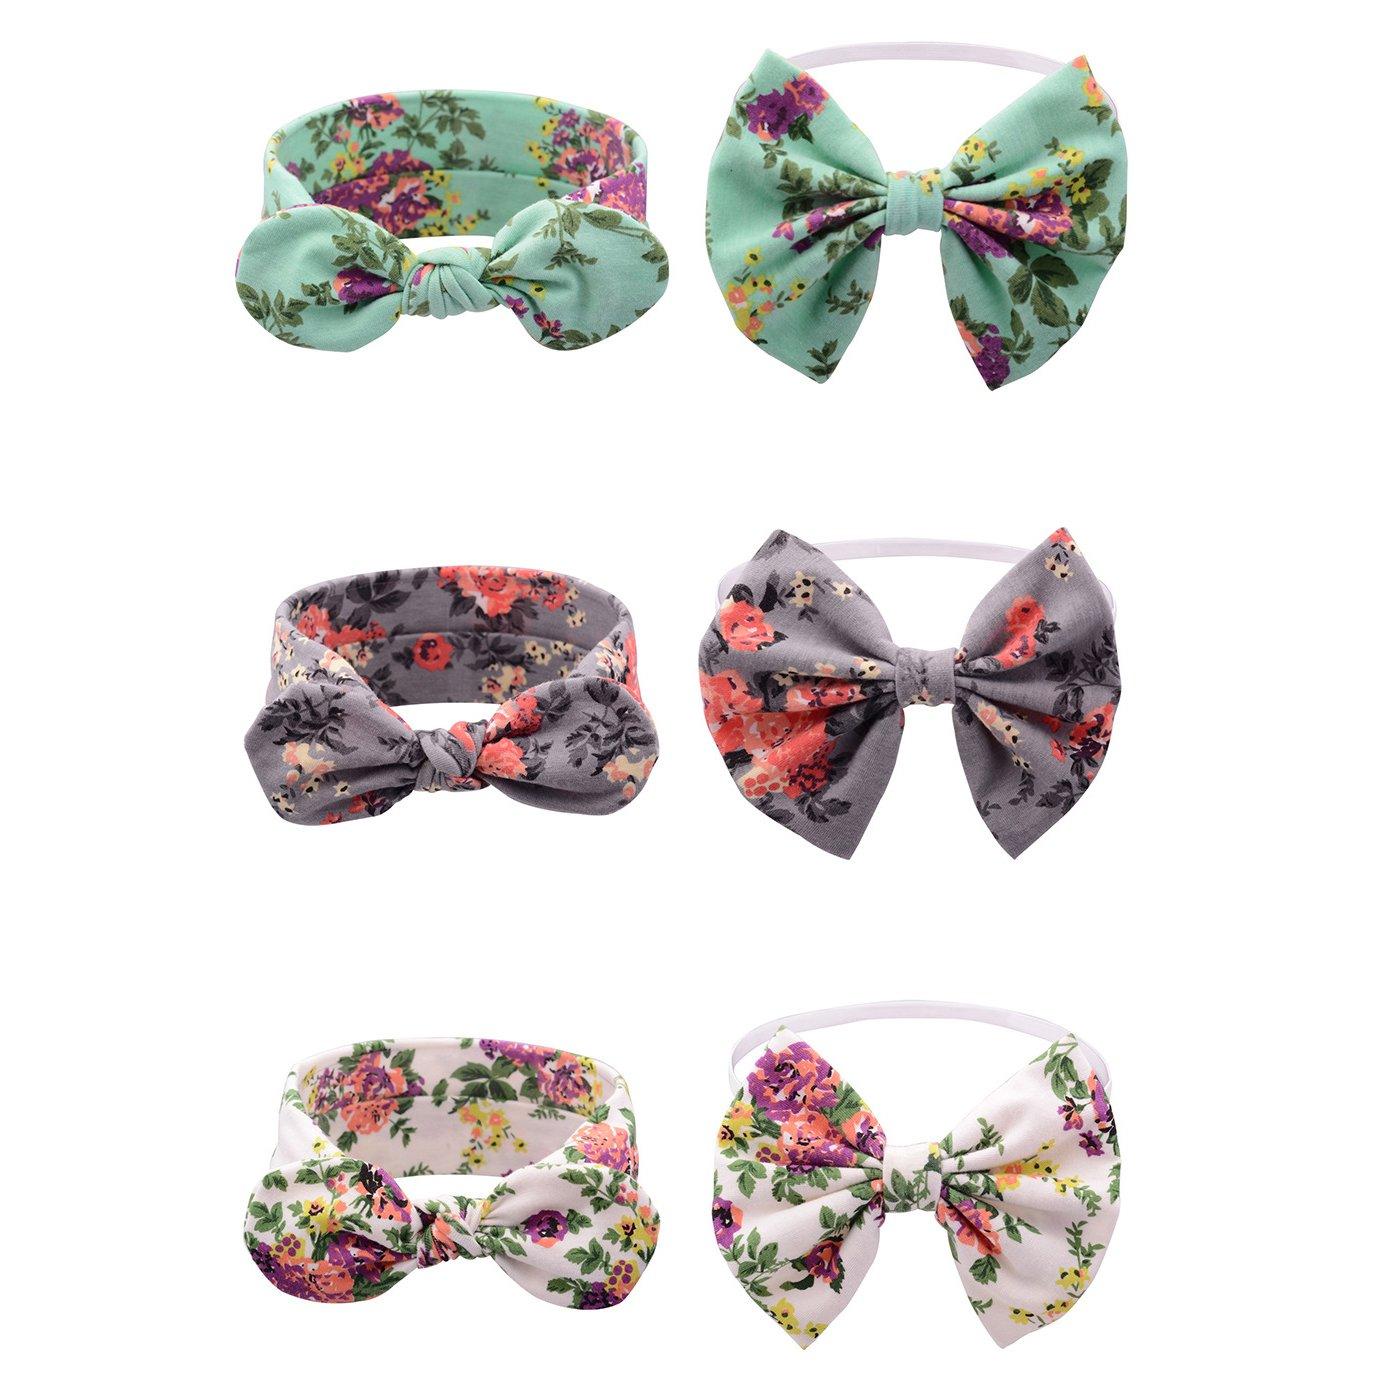 Vellette Bandeaux Uniques Cadeaux pour filles Headbands et serre-têtes Accessoires Fille noeud turban Cadeau Noel